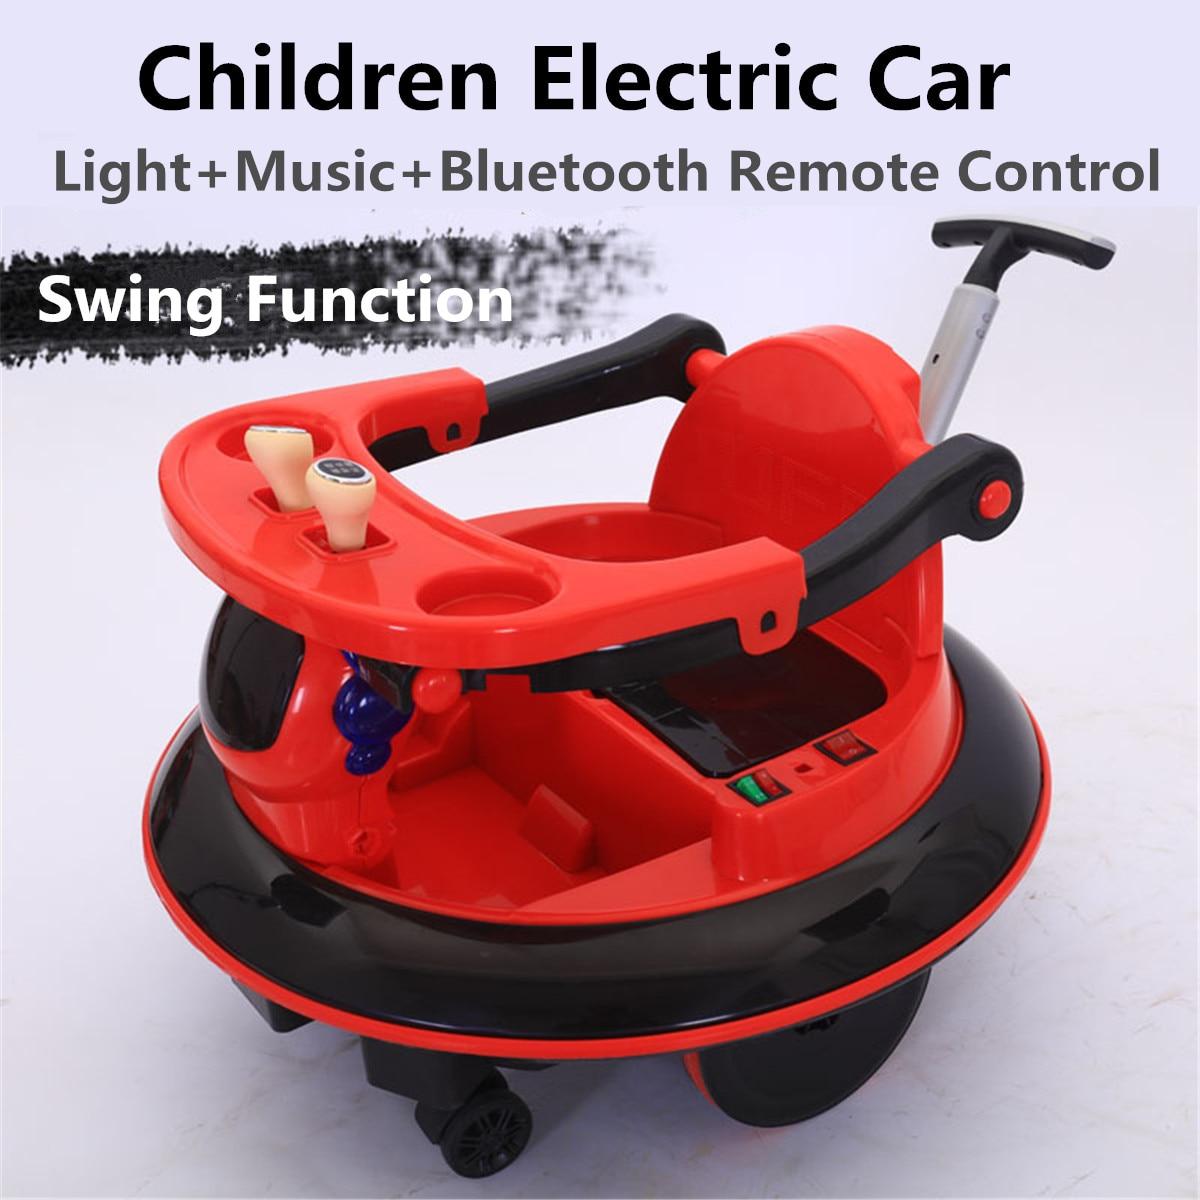 Enfants monter sur voiture jouets pour enfants jouet voiture monter sur voitures en plein air enfants voiture électrique télécommande véhicules électriques garçons filles